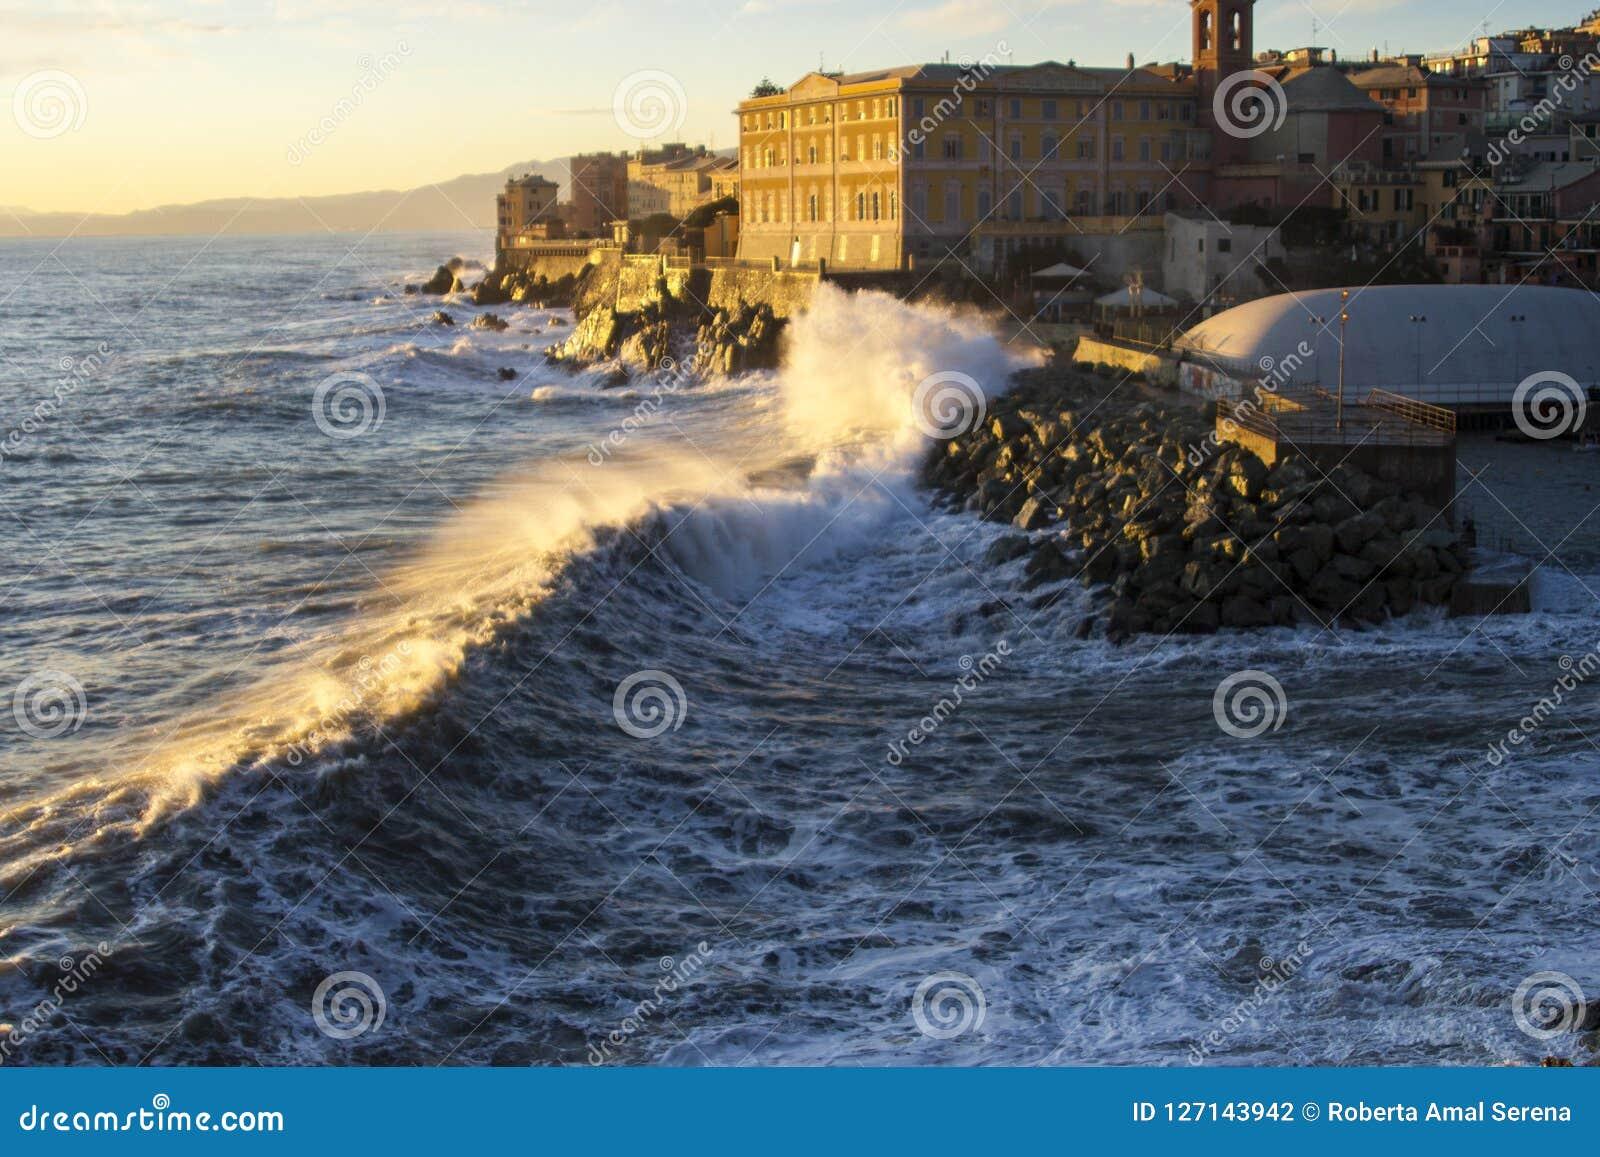 A sea strorm in Genova, Italy in december 2011